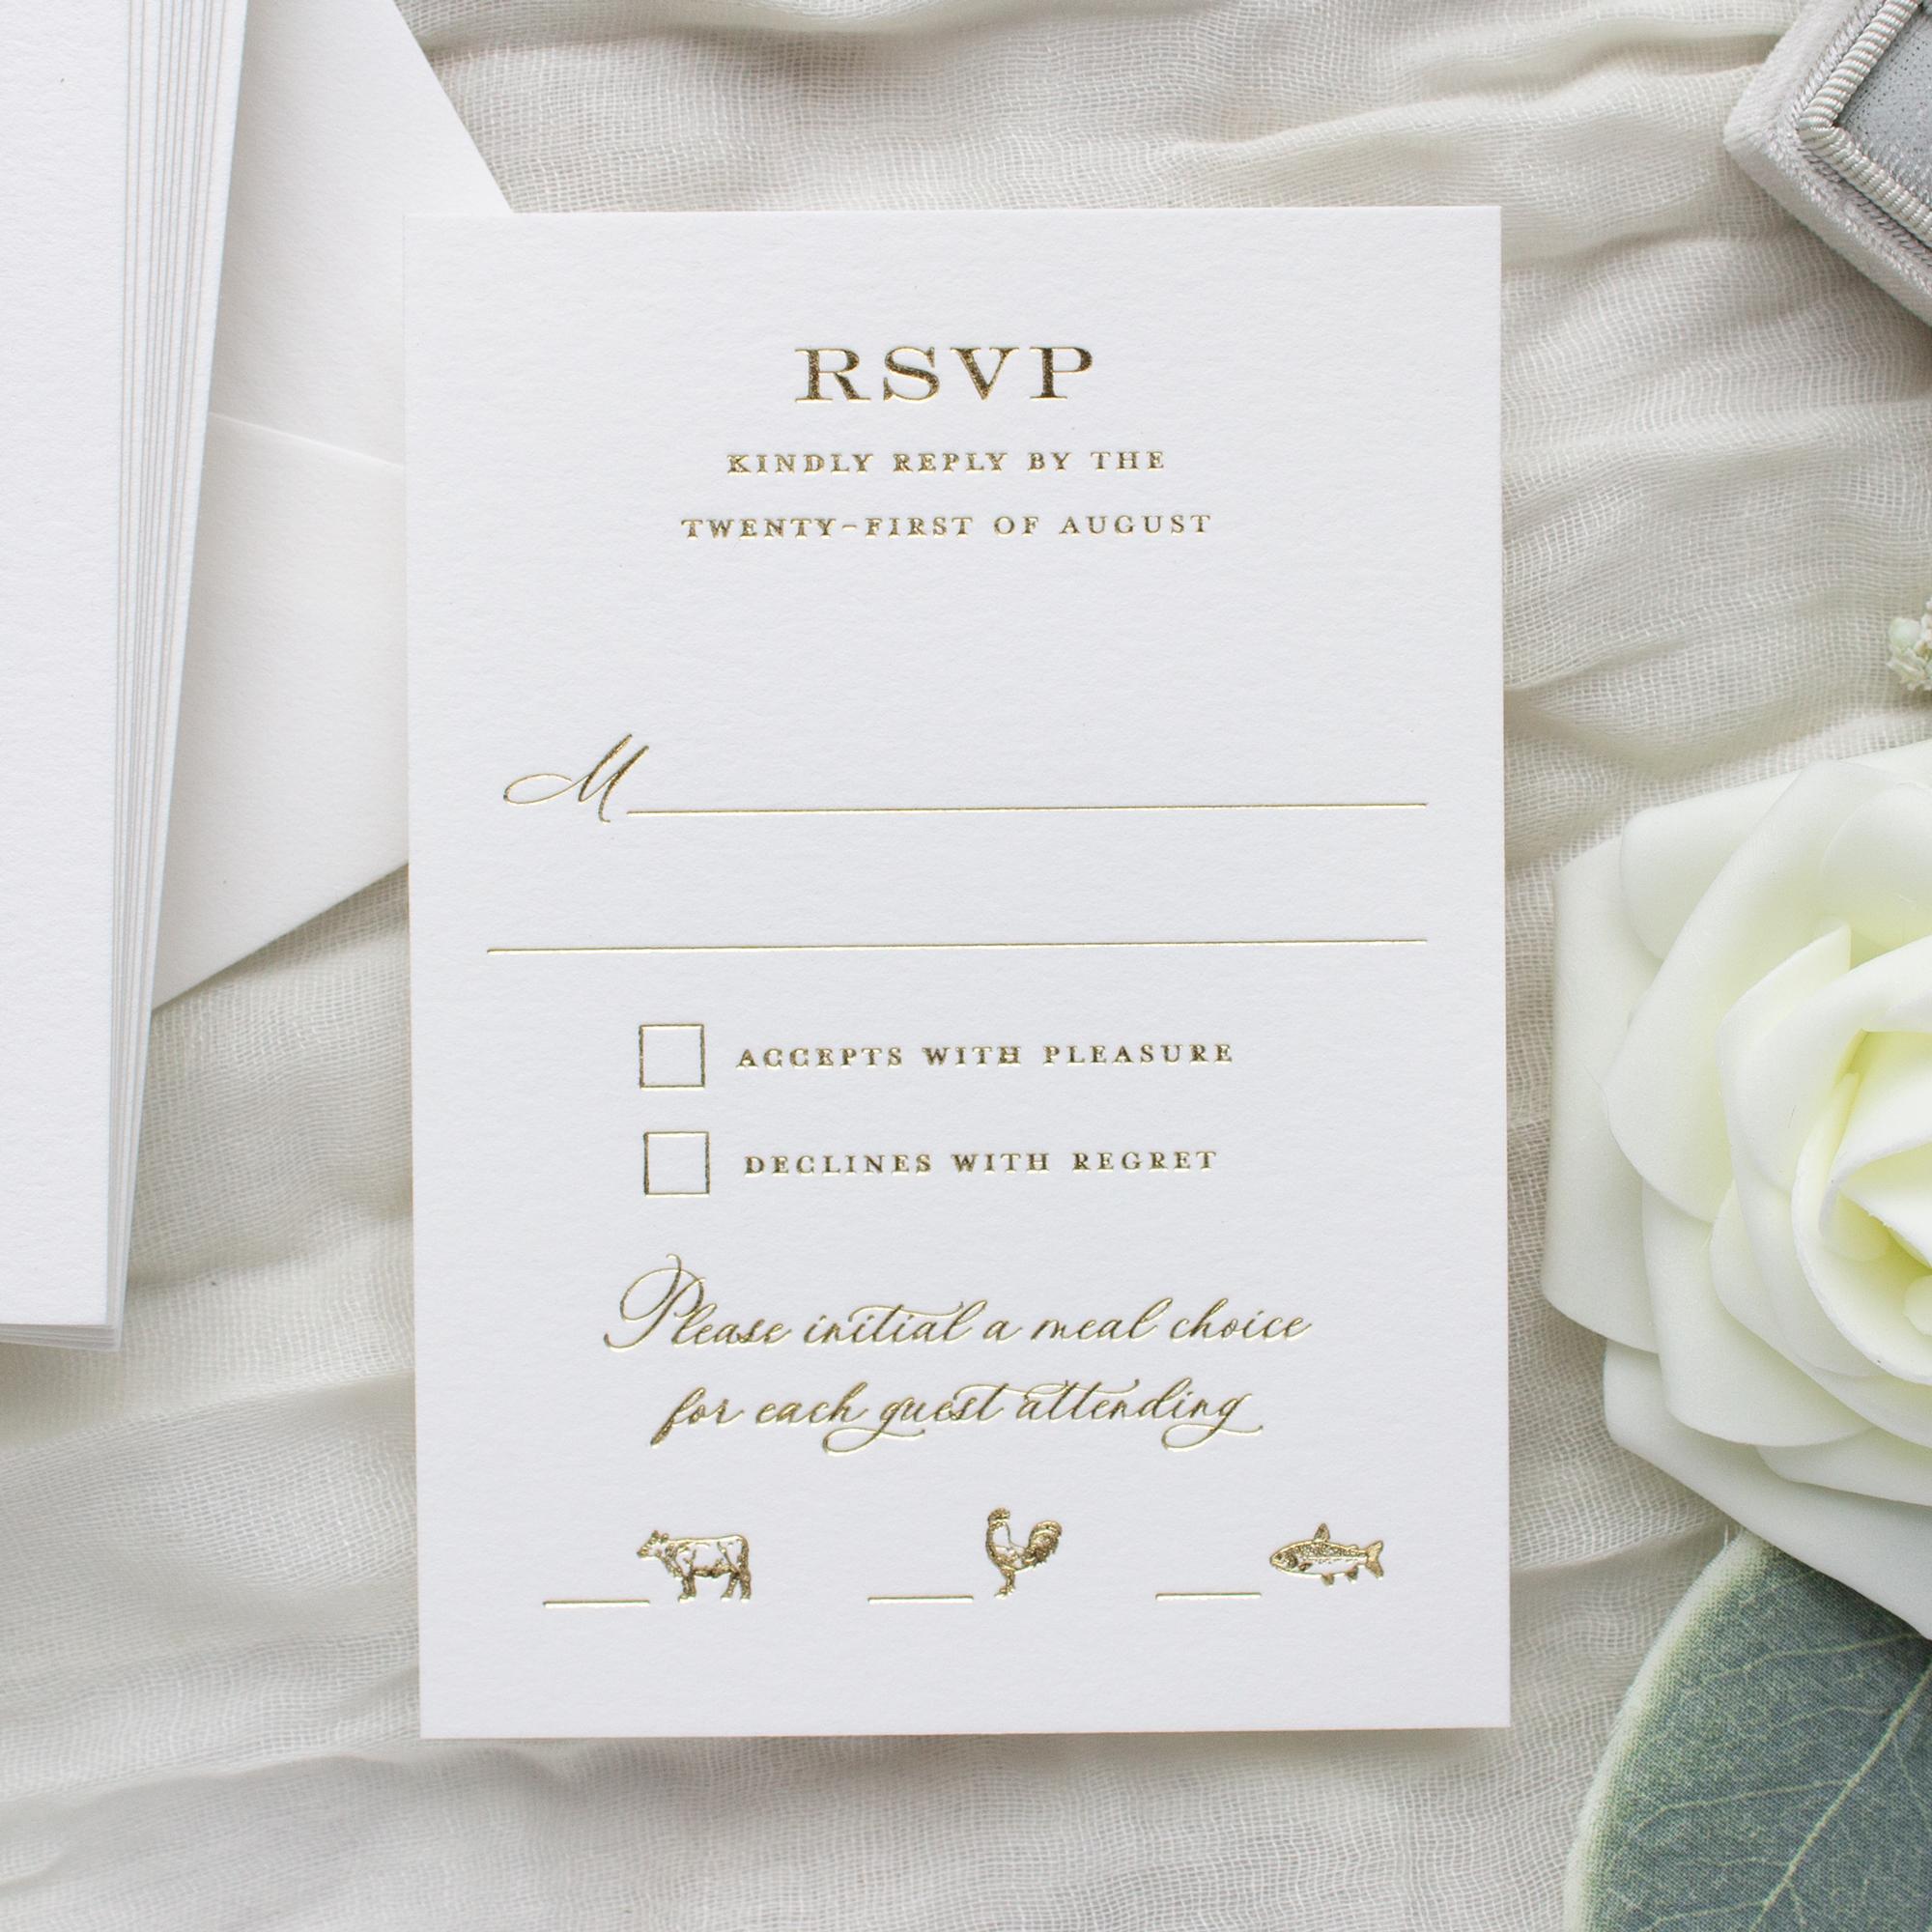 foil stamped wedding rsvp card